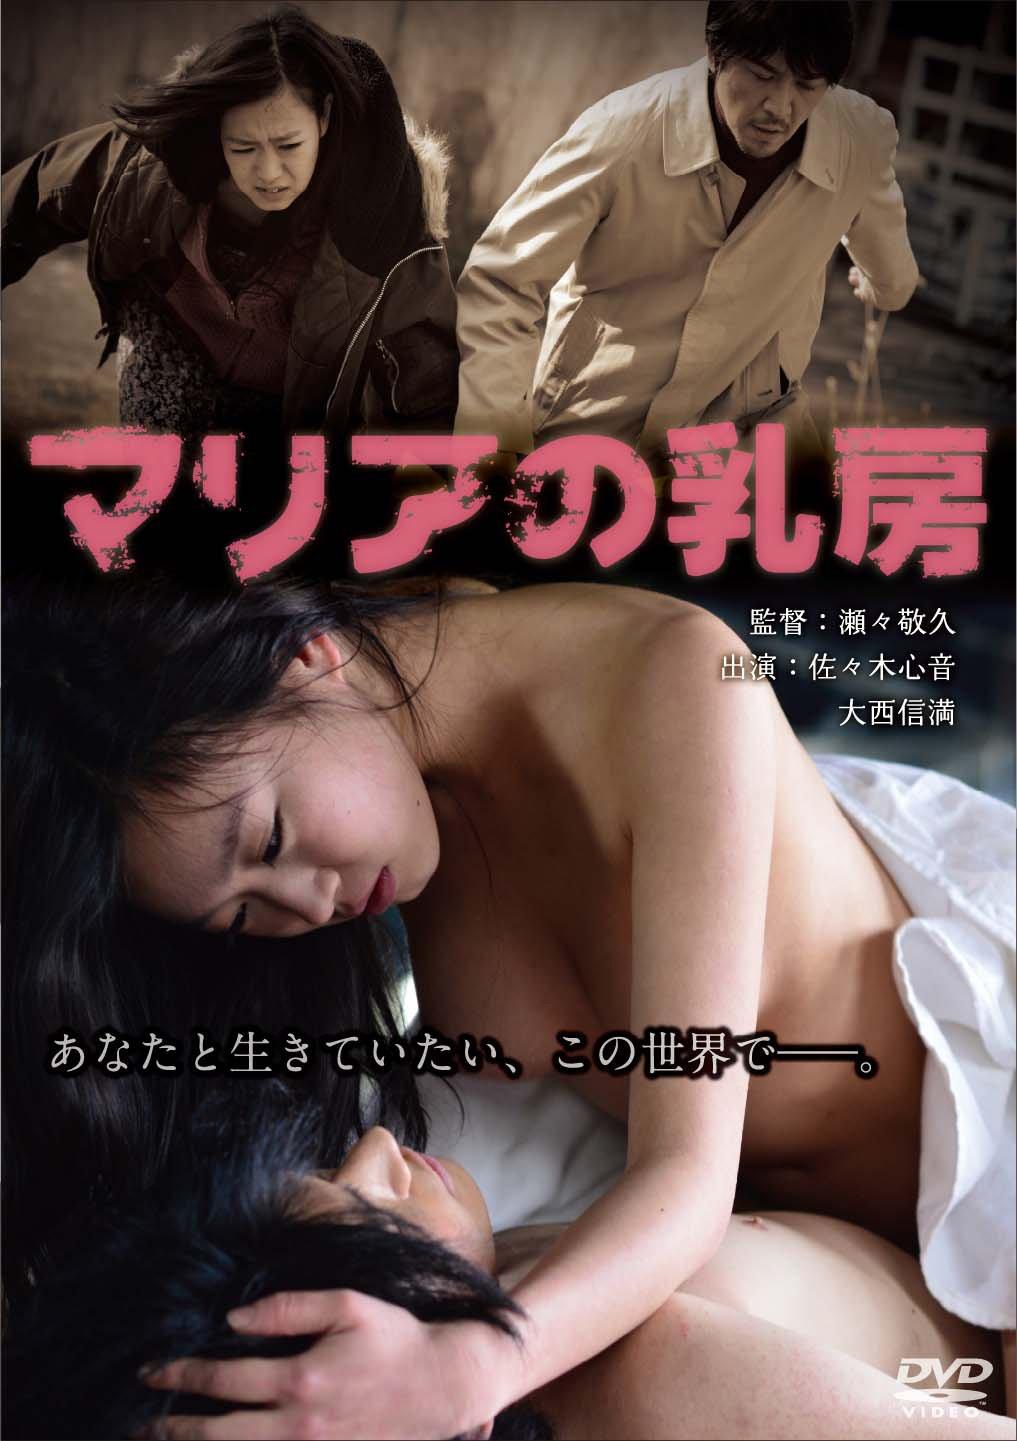 マリアの乳房 [DVD]